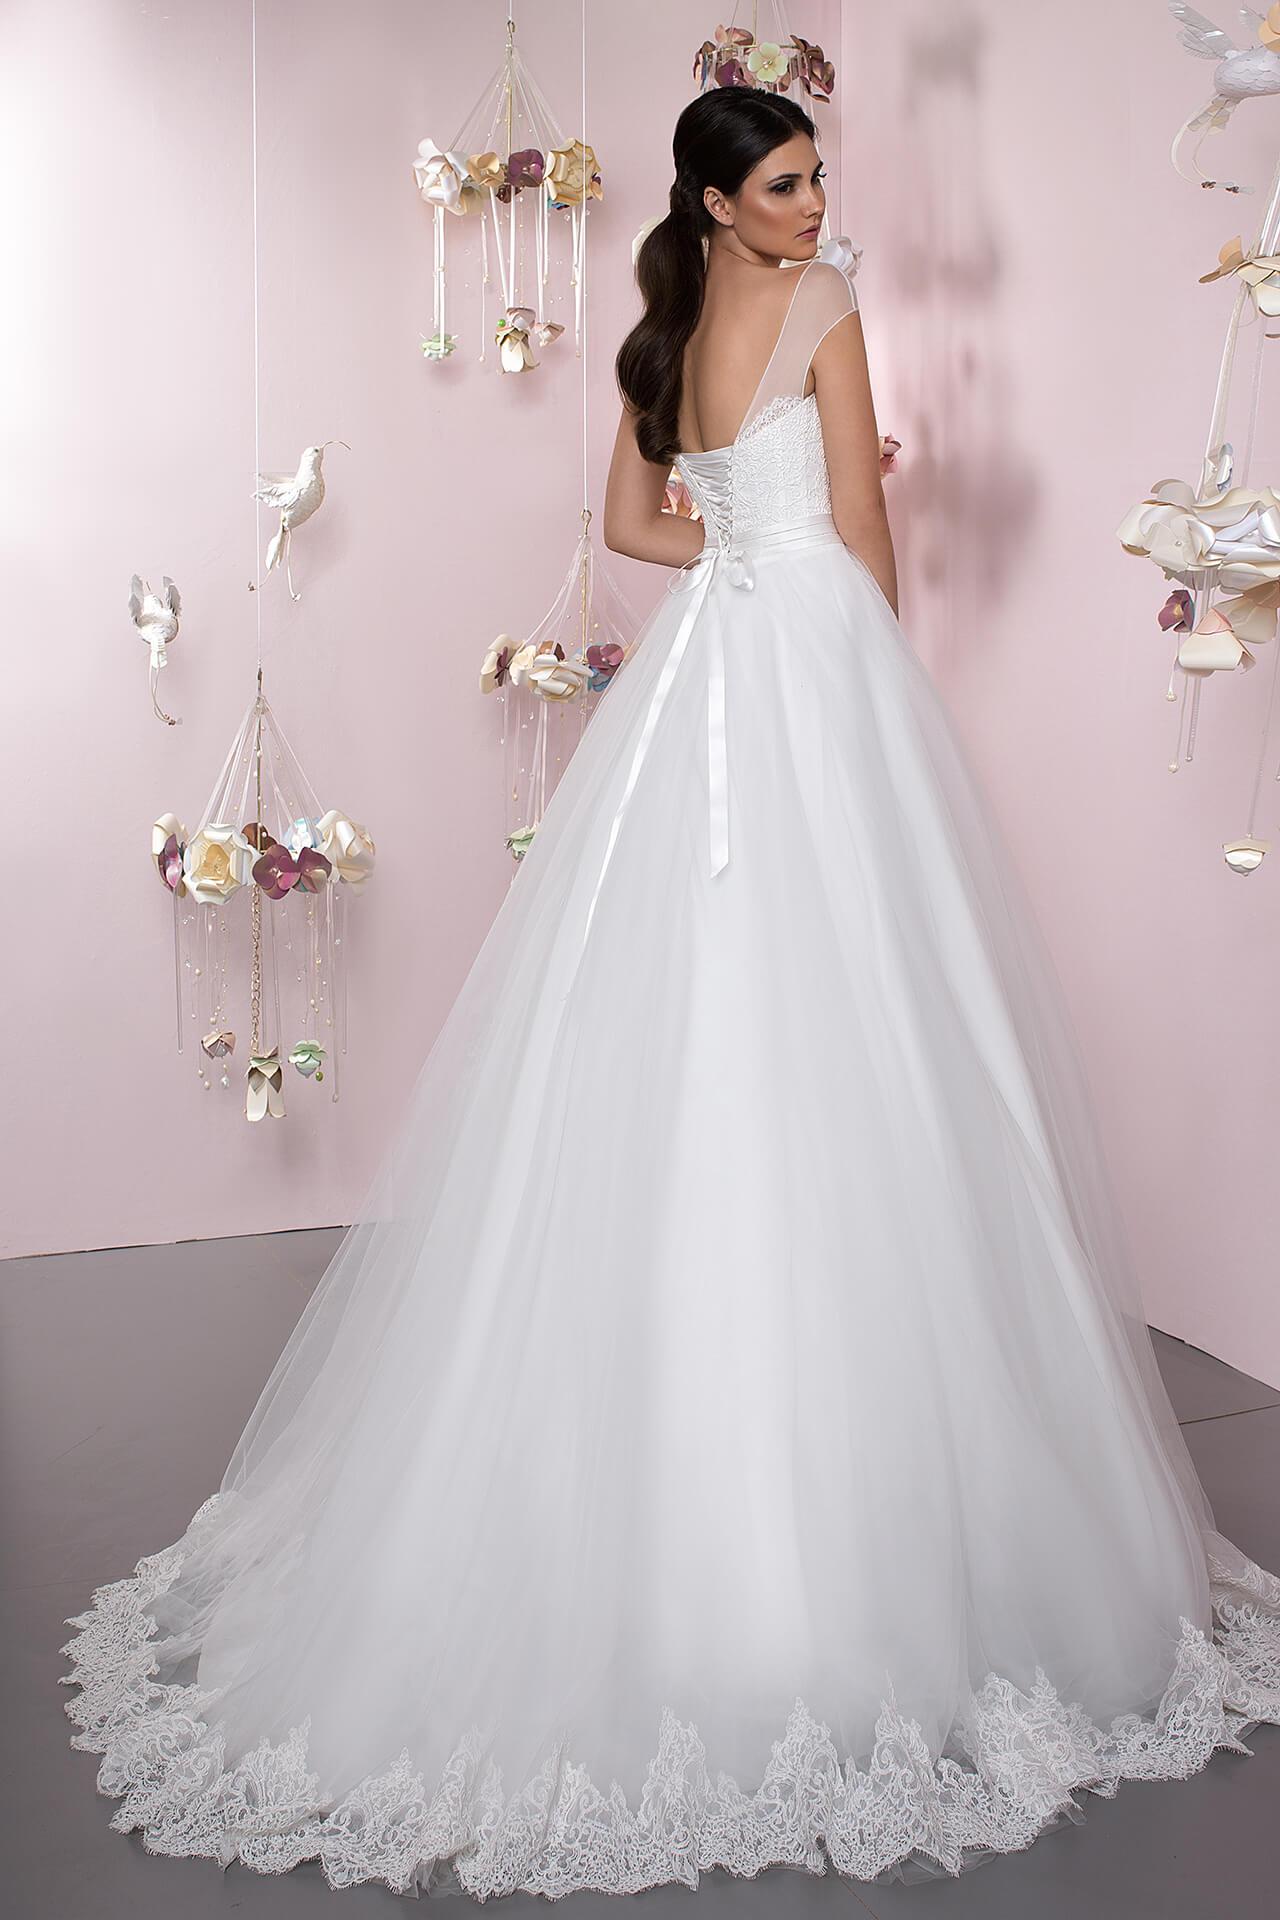 Wedding dresses Queen - foto 3